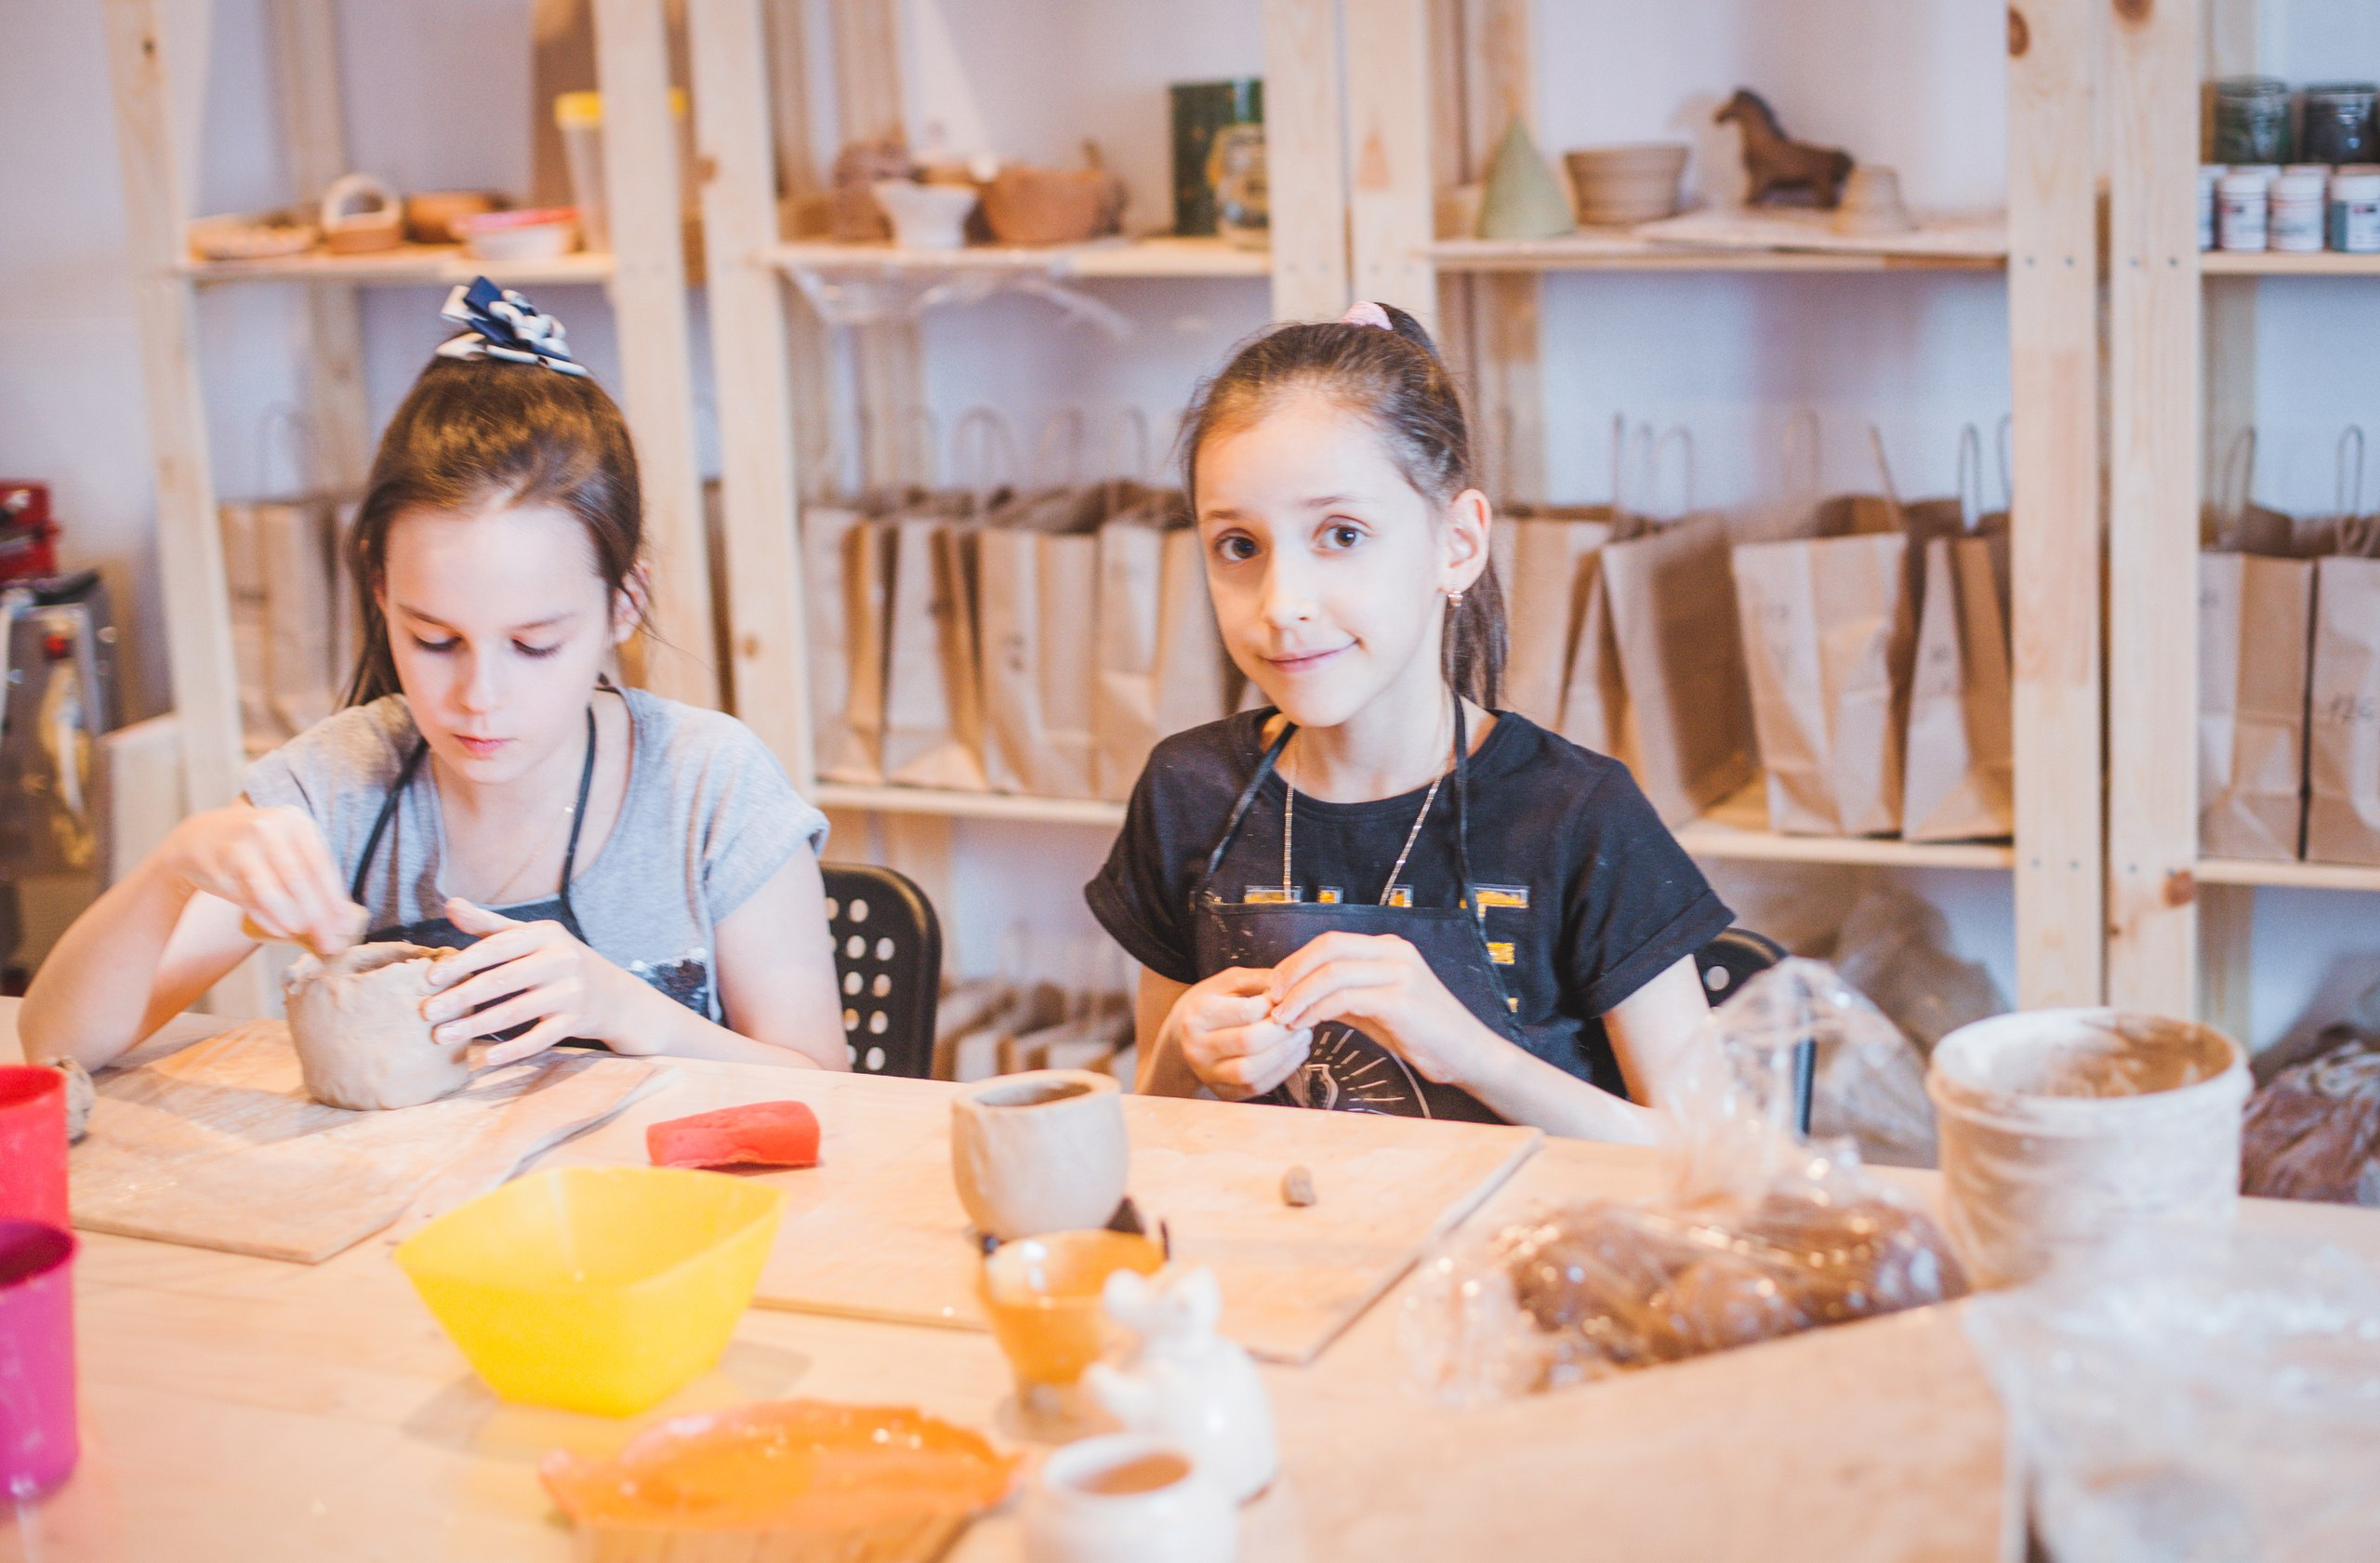 дети на гончарном мастер-классе